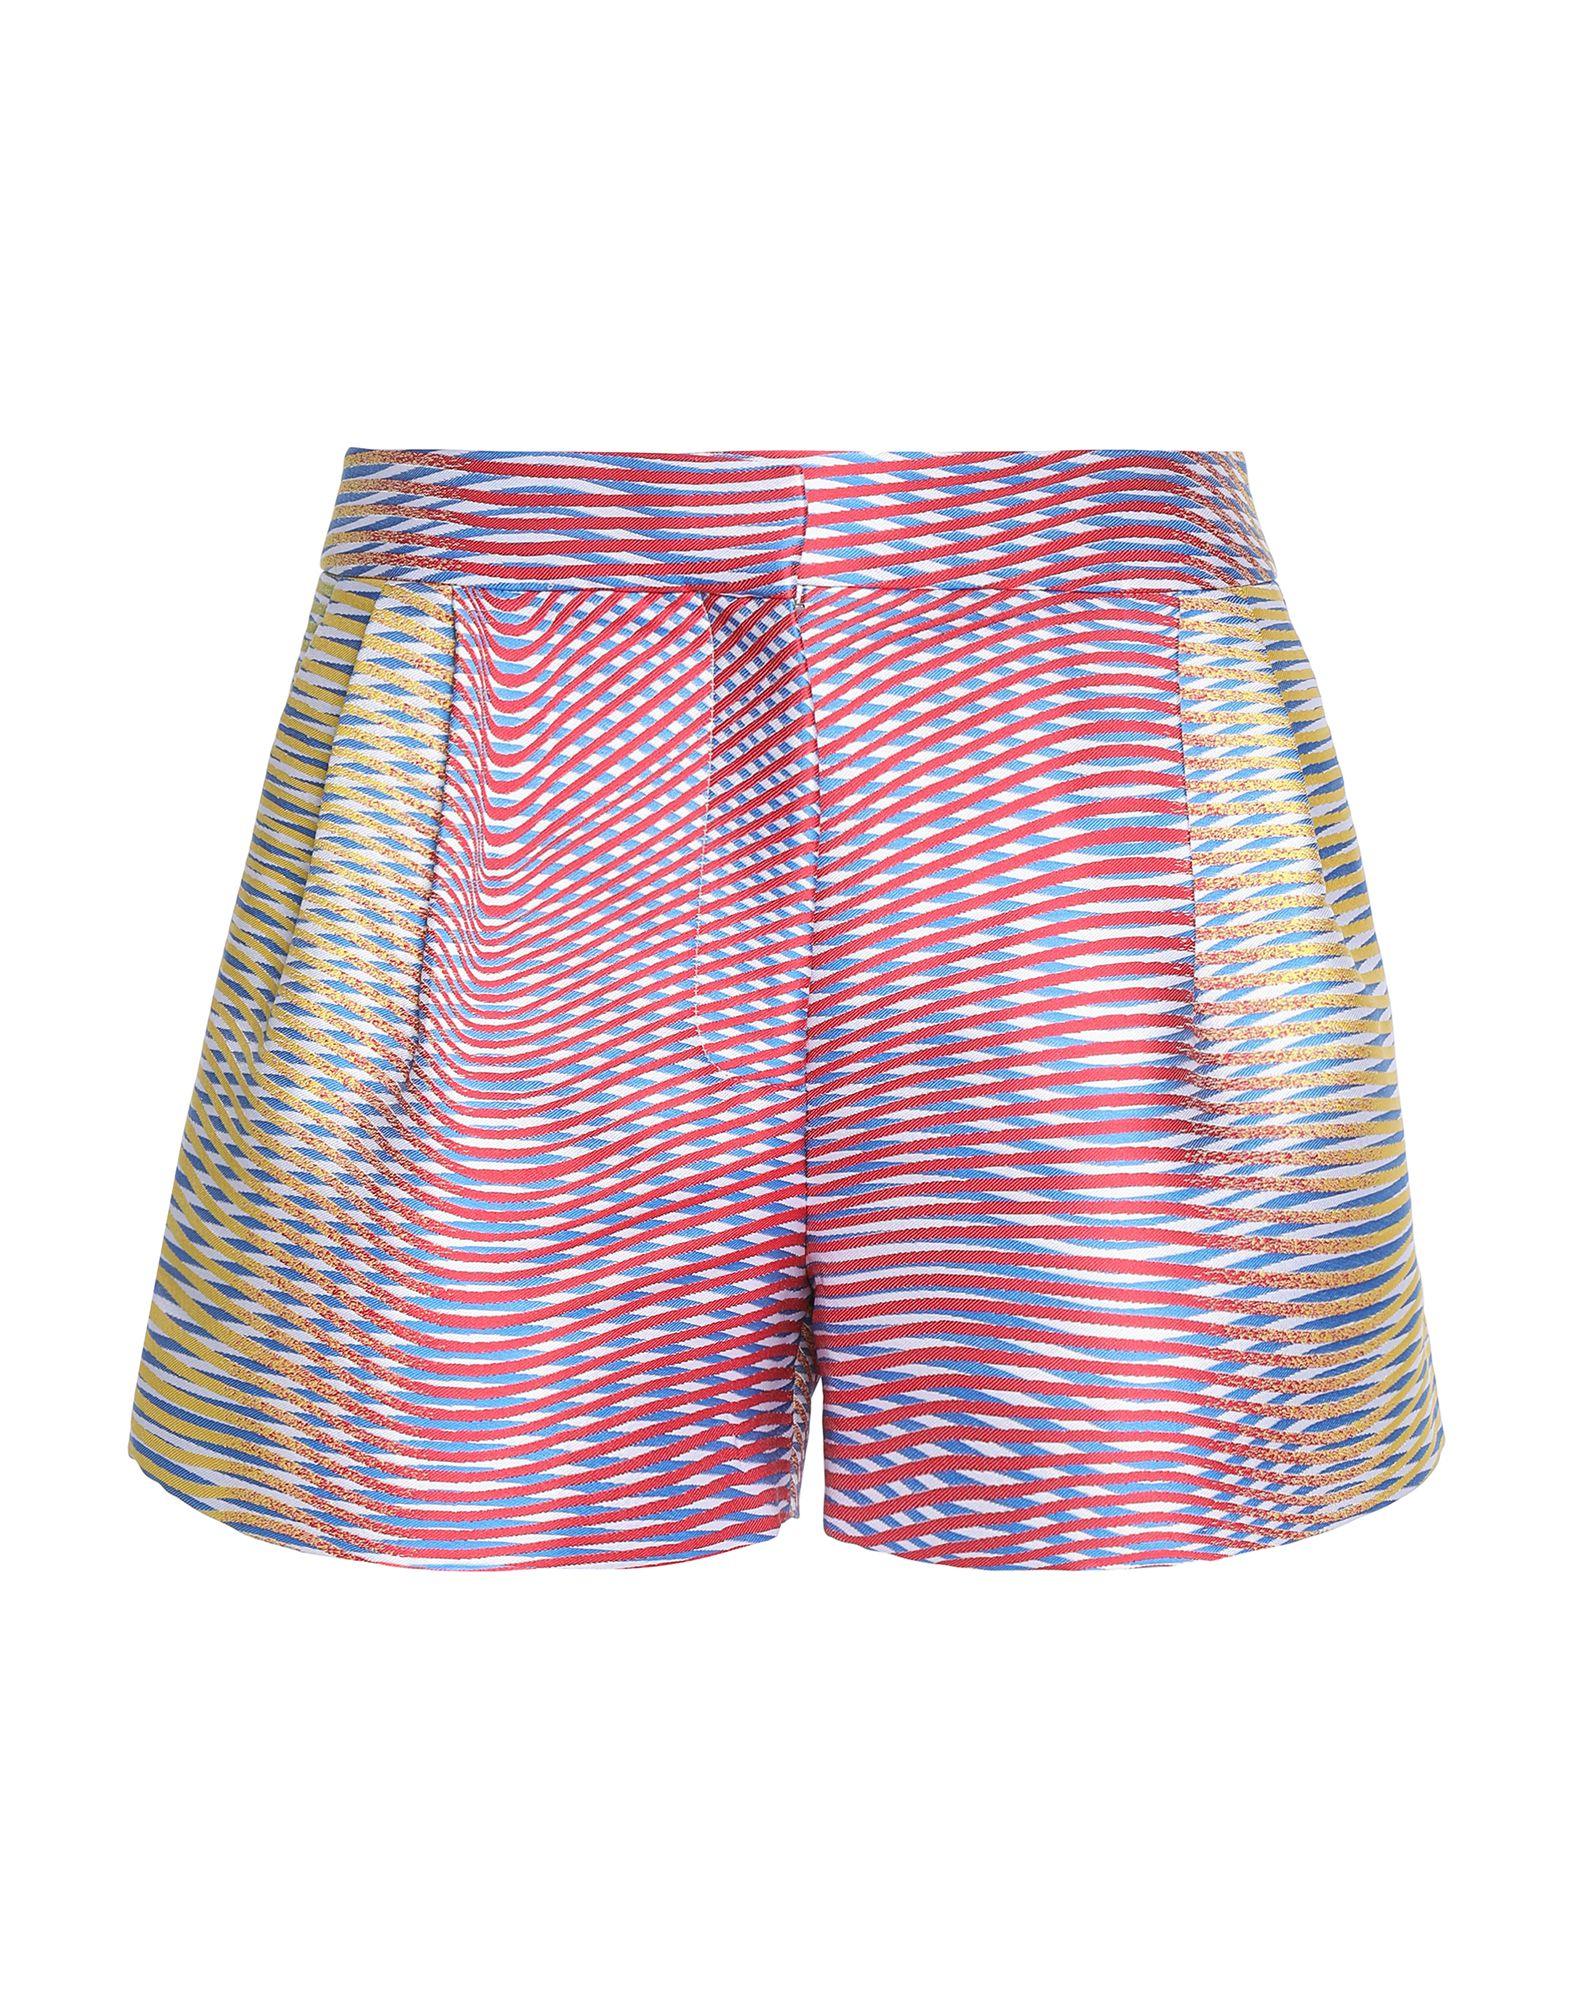 цены на MARY KATRANTZOU Повседневные шорты в интернет-магазинах